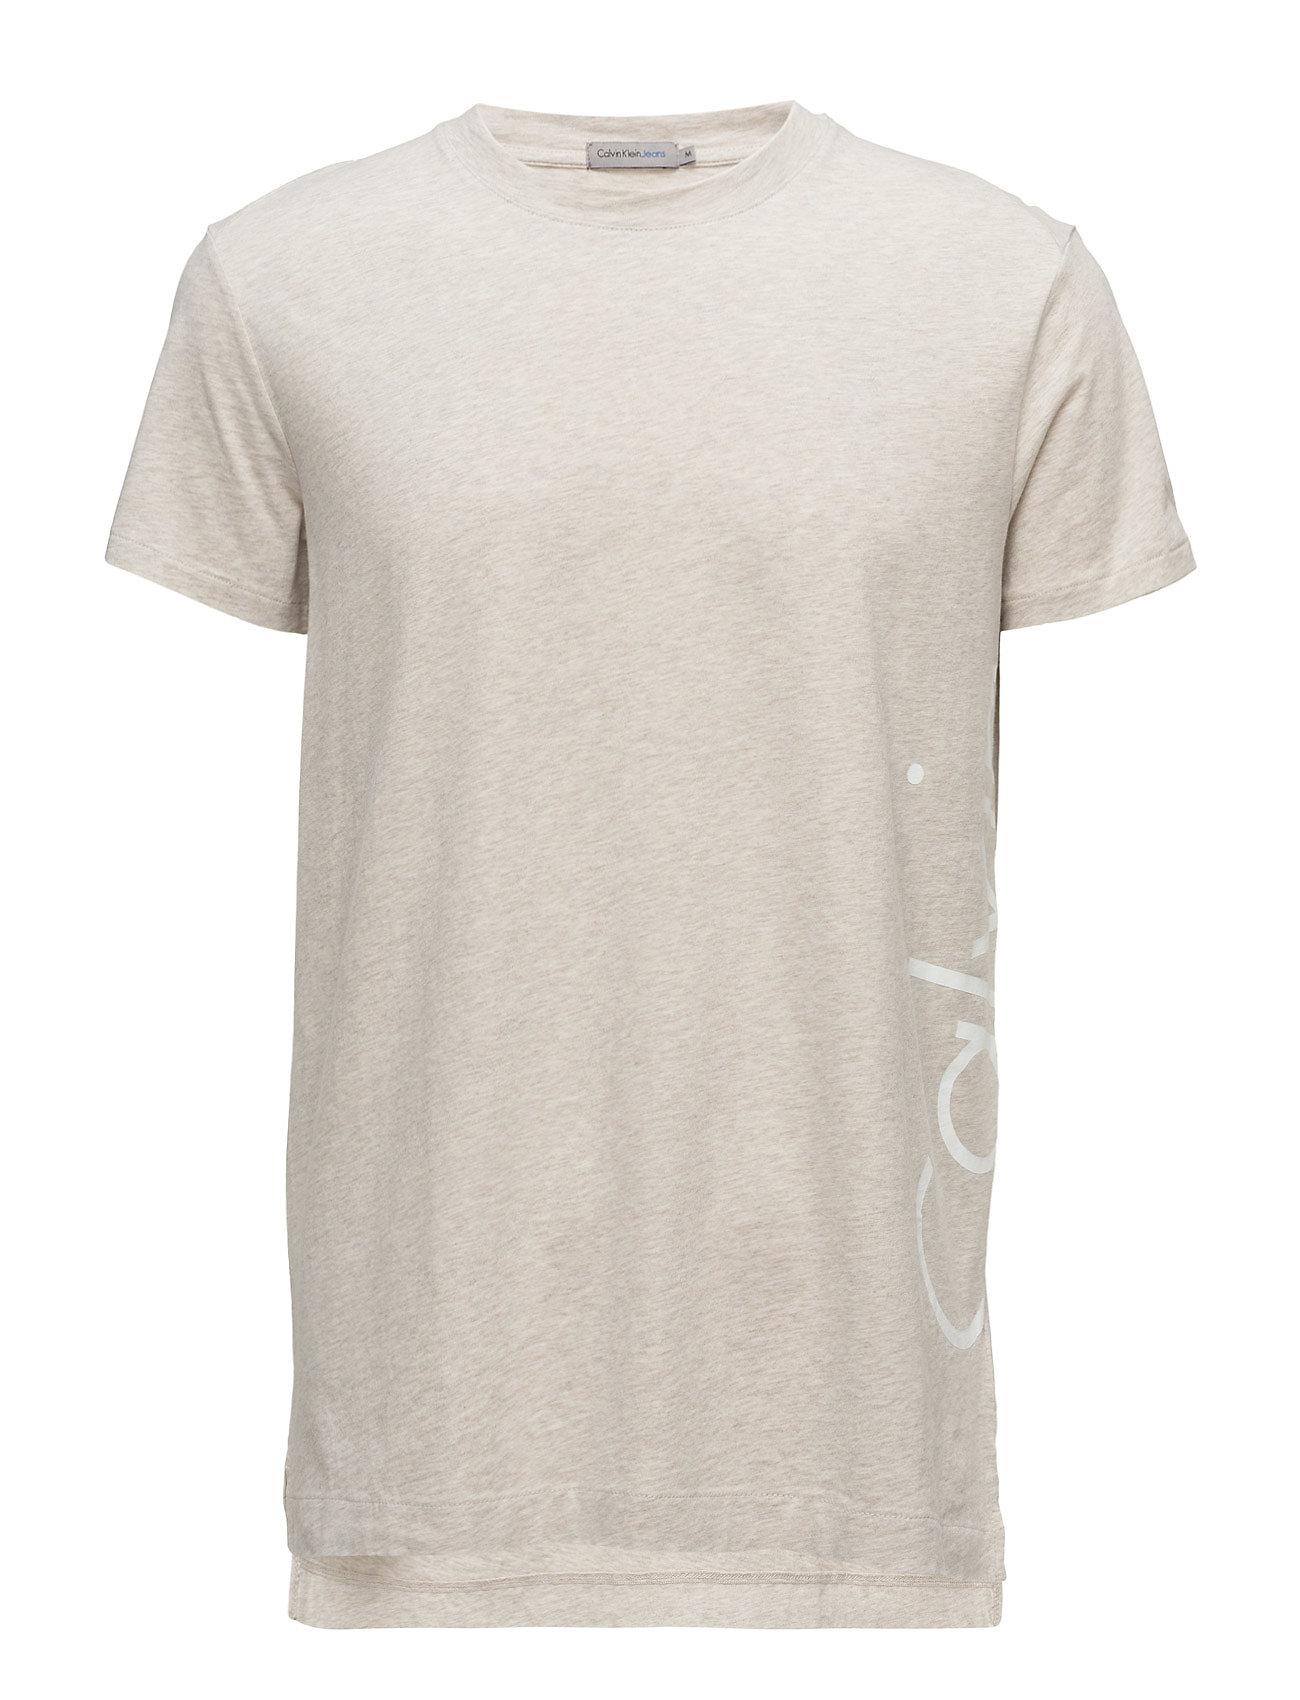 Tocc Cn Tee Ss, 112, Calvin Klein Jeans Kortærmede til Herrer i